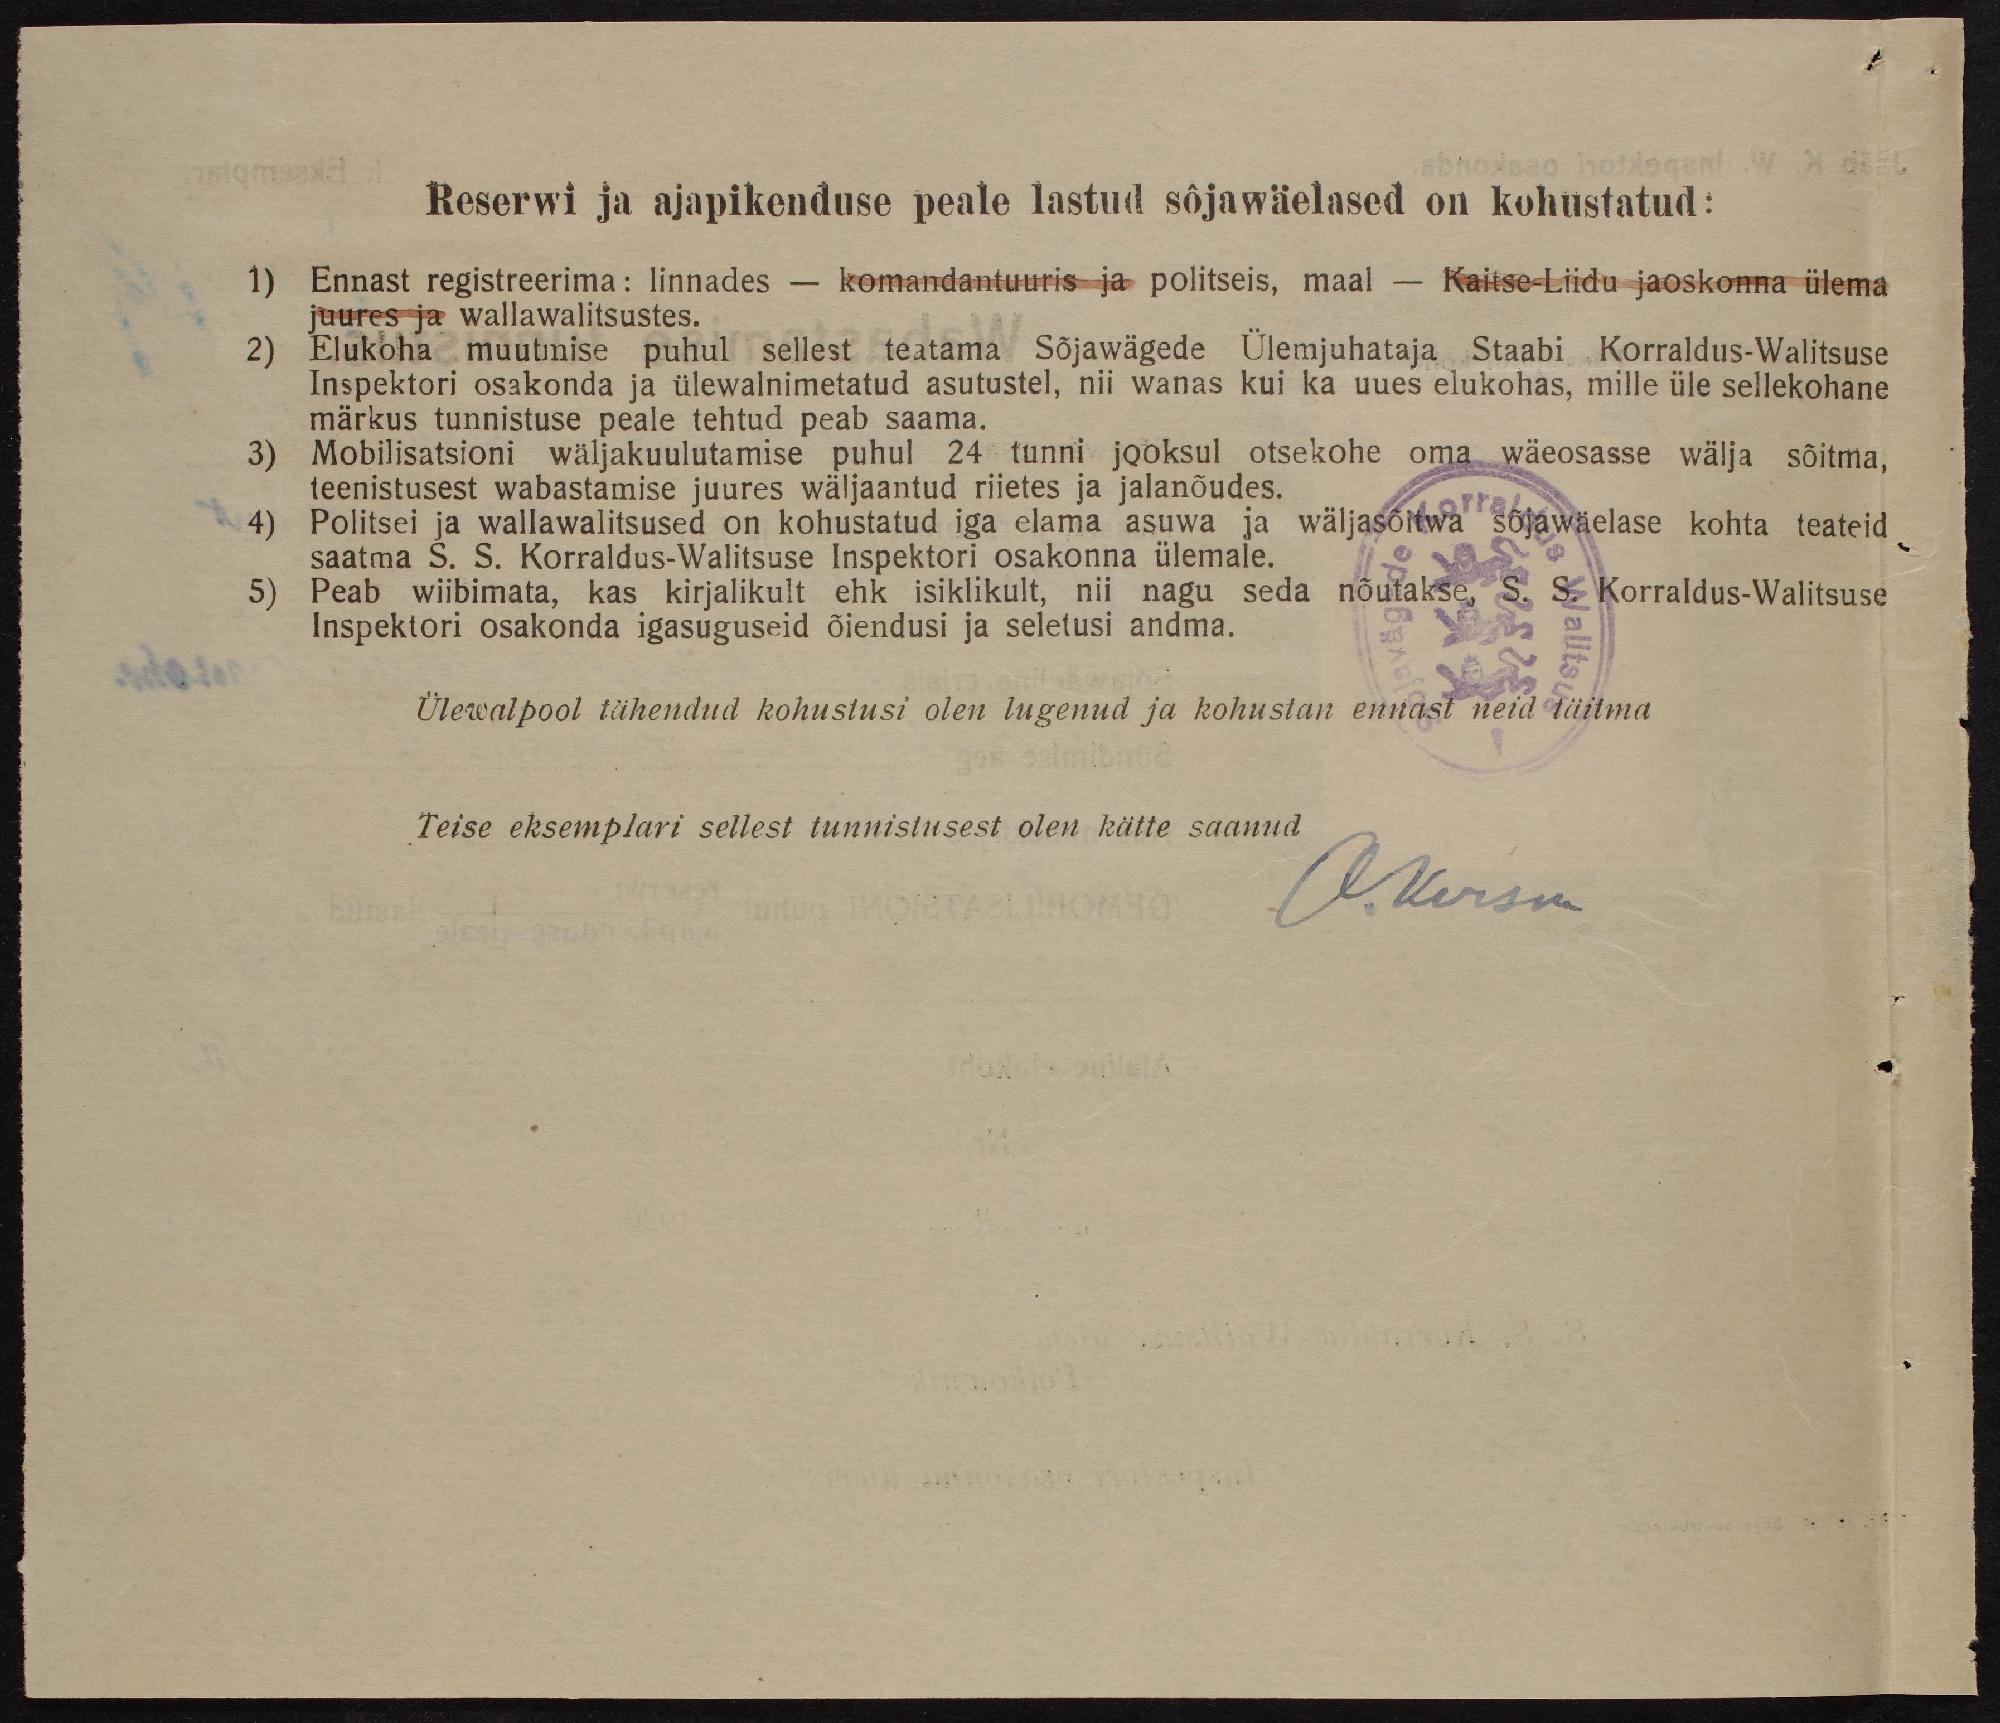 Väljavõte Oskar Kersoni ohvitseri teenistustoimikust. ERA.495.7.1762